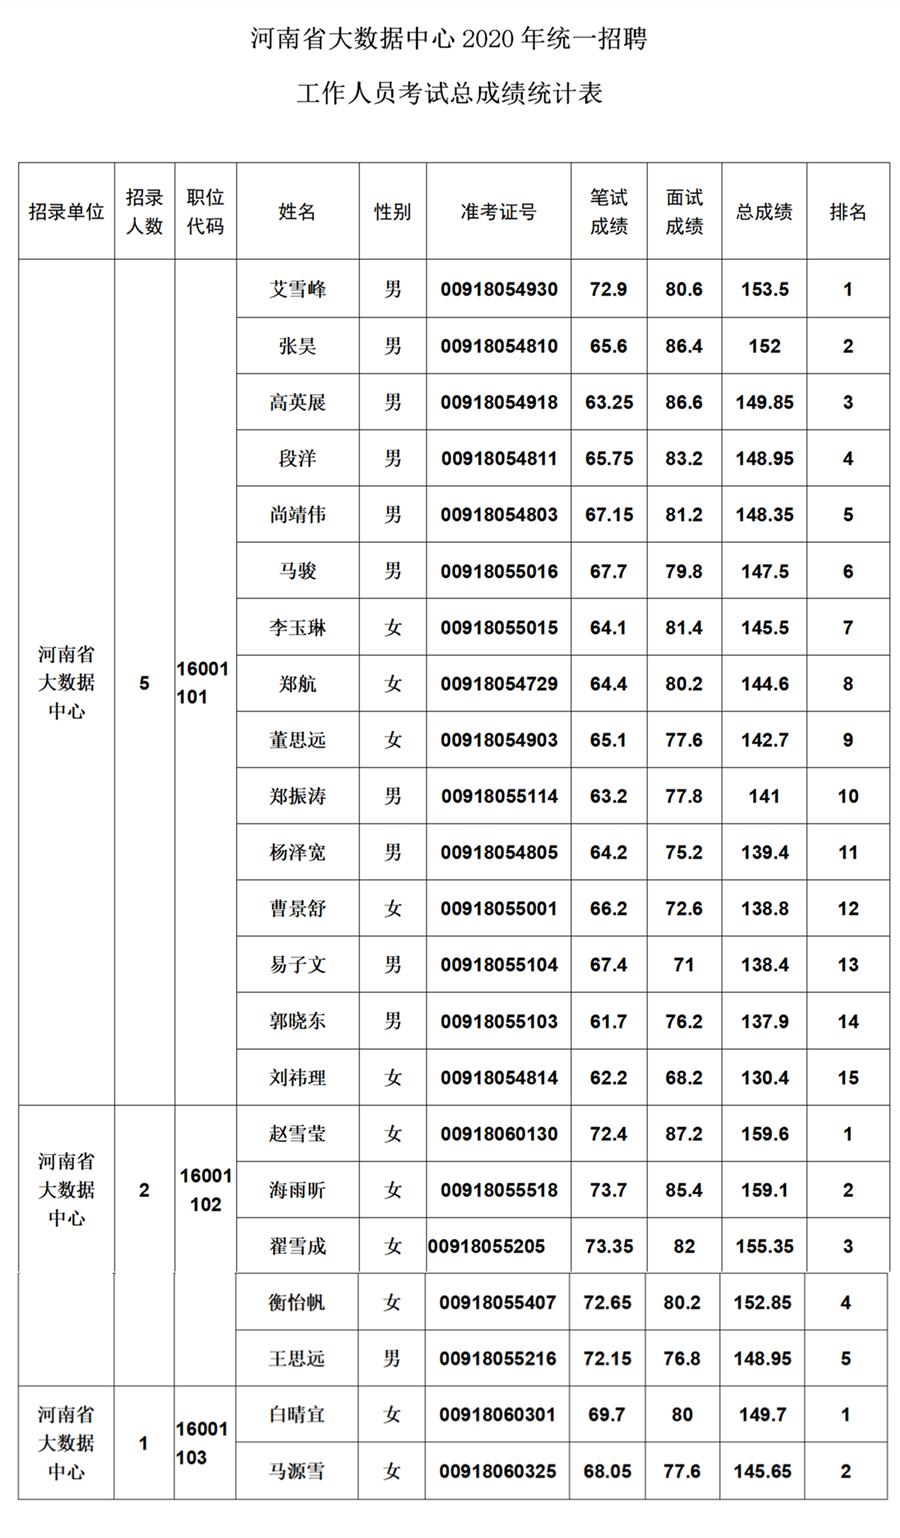 河南省大数据中心2020年统一招聘工作人员面试成绩和总成绩公告